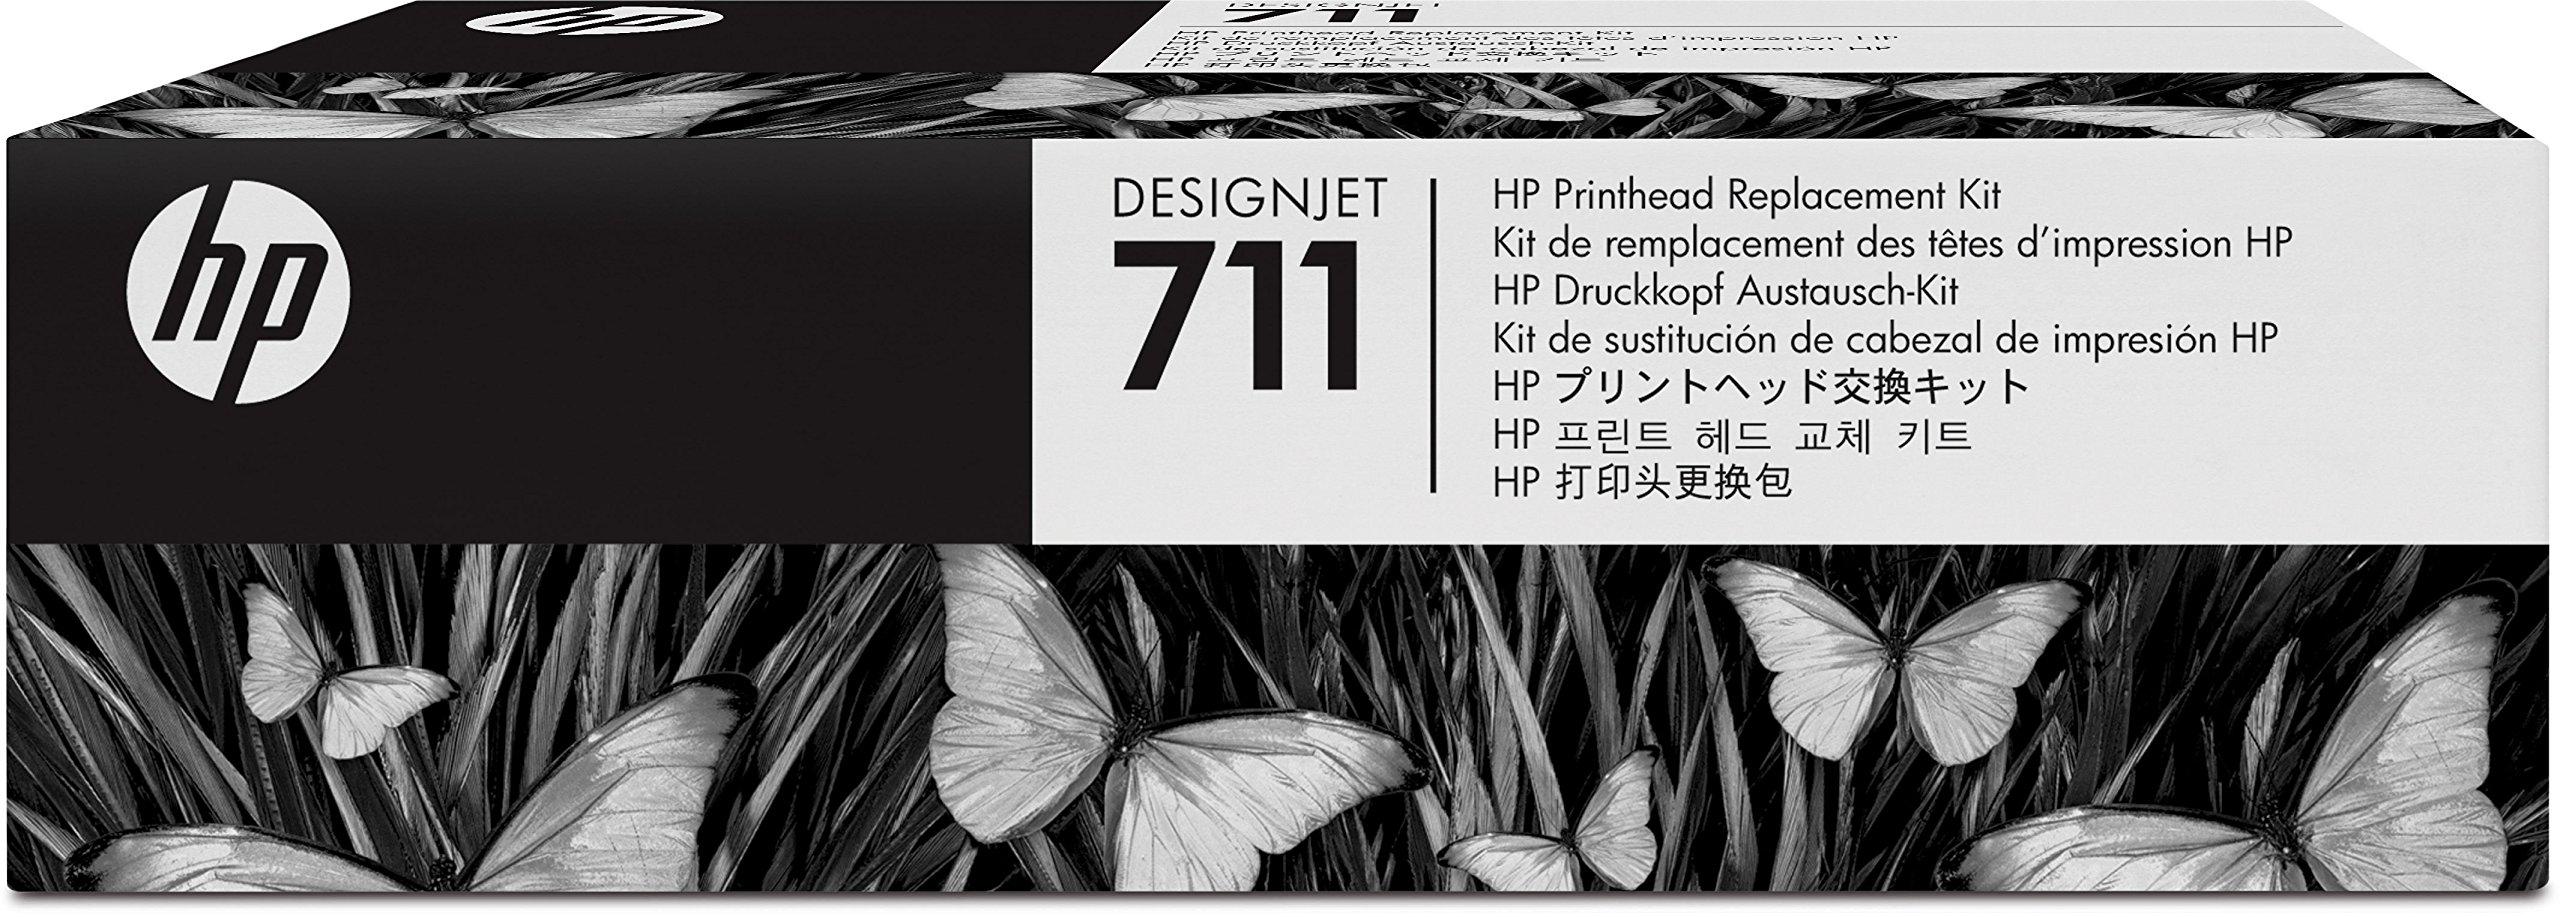 HP C1Q10A - Unidad de transferencia de impresora: Amazon.es ...